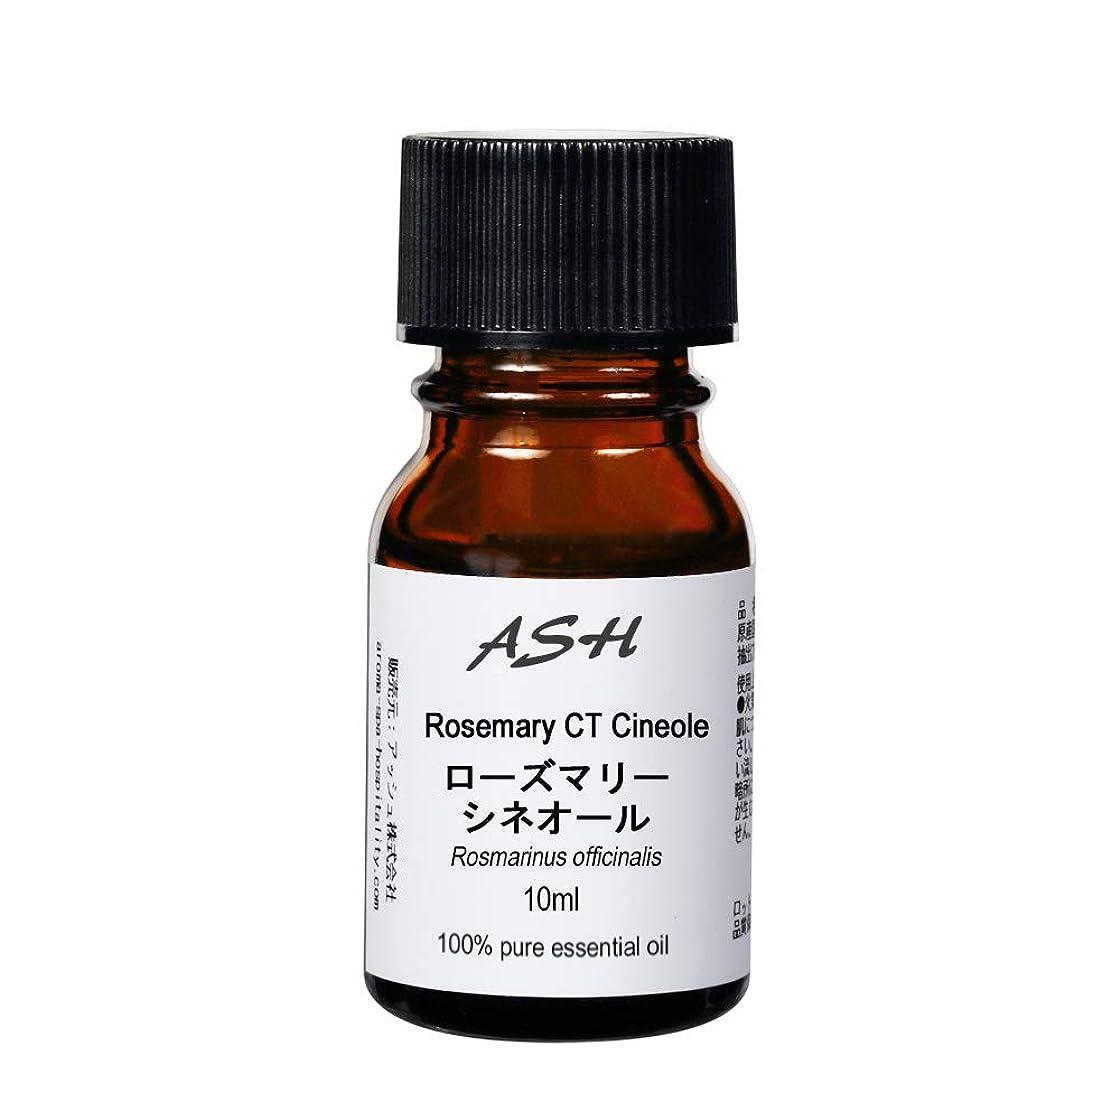 破壊的あご頬ASH ローズマリー (CTシネオール) エッセンシャルオイル 10ml AEAJ表示基準適合認定精油